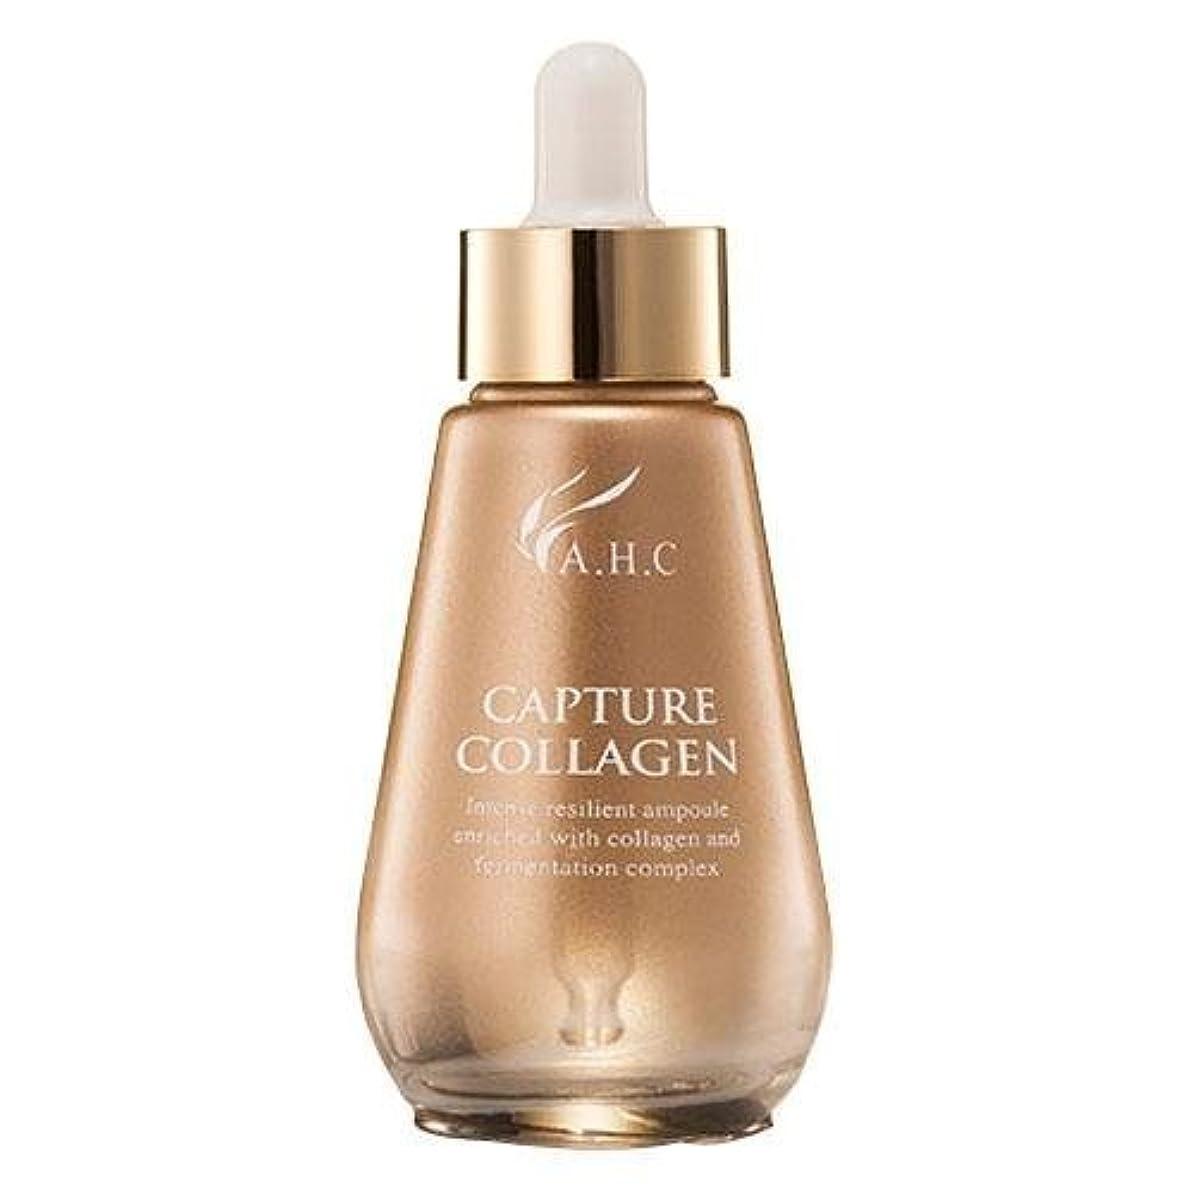 くびれたる真珠のようなA.H.C Capture Collagen Ampoule/ Made in Korea